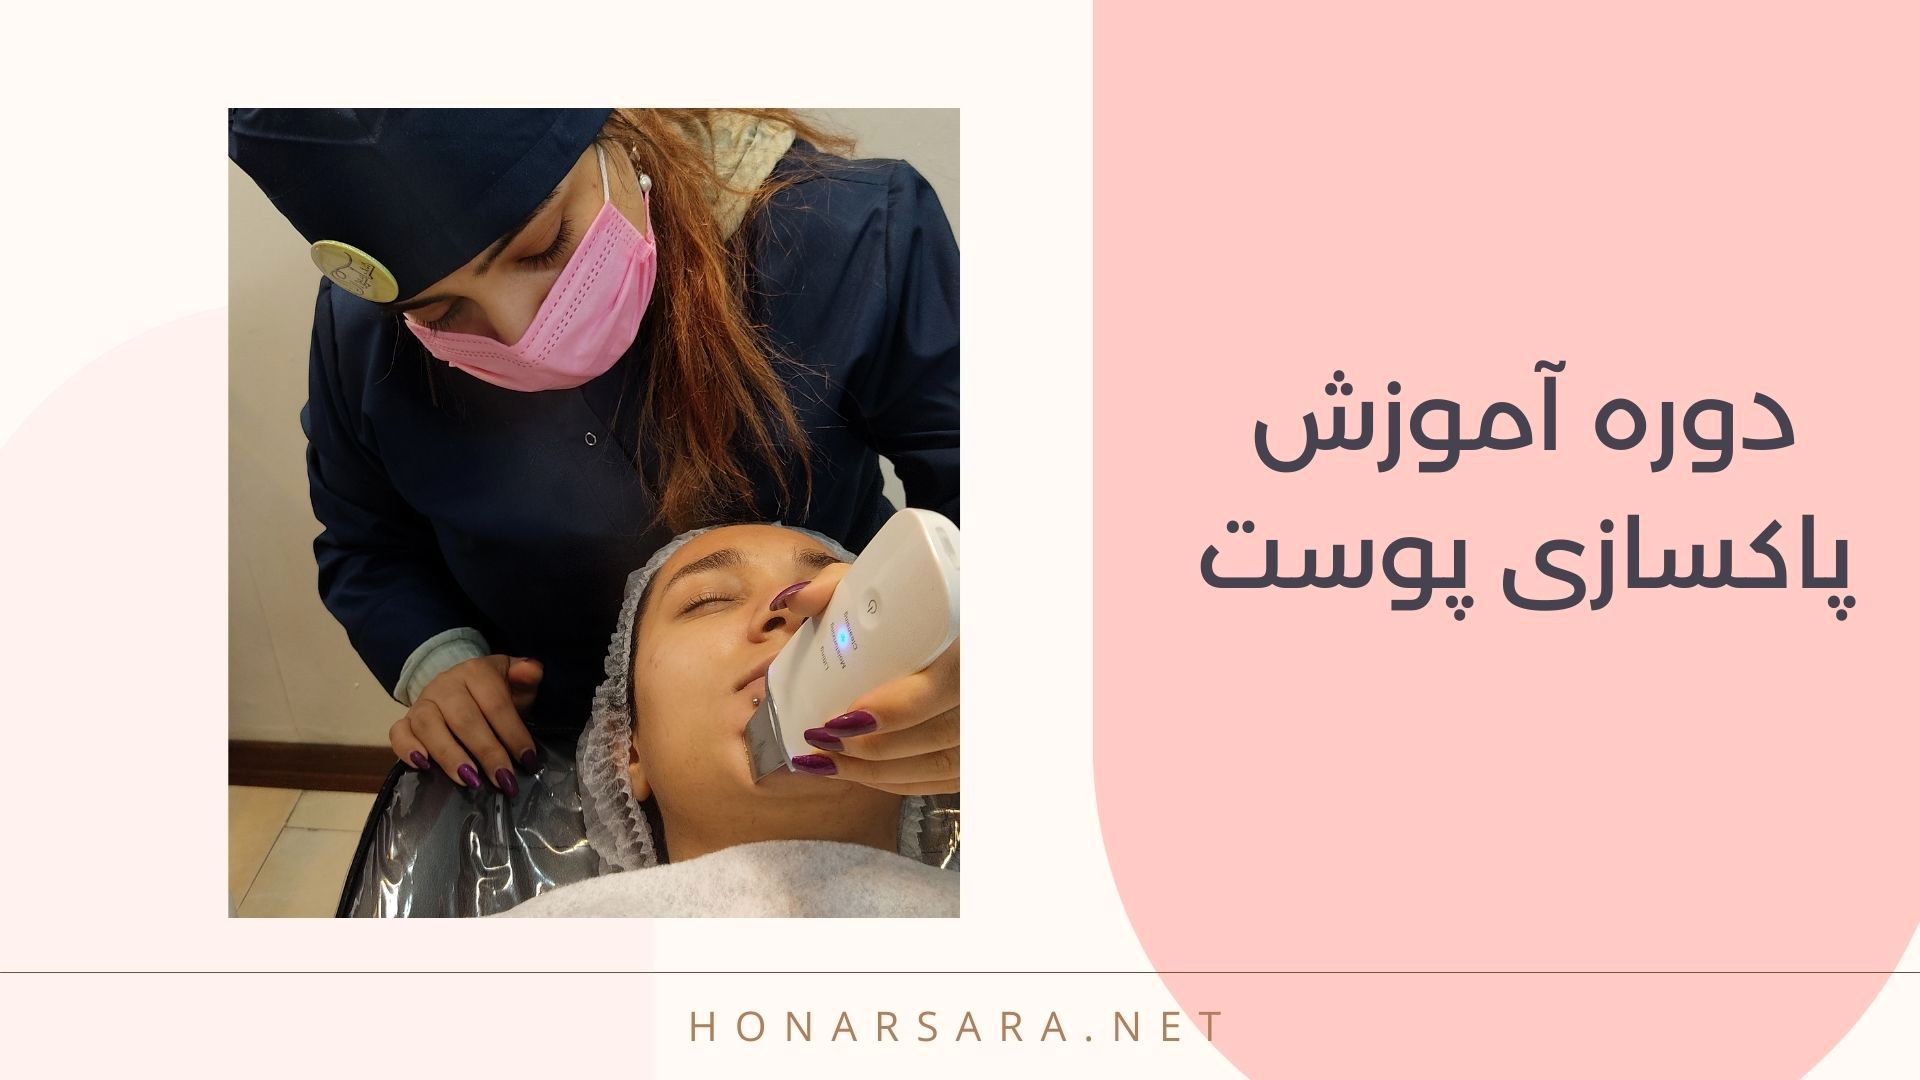 دوره پاکسازی پوست